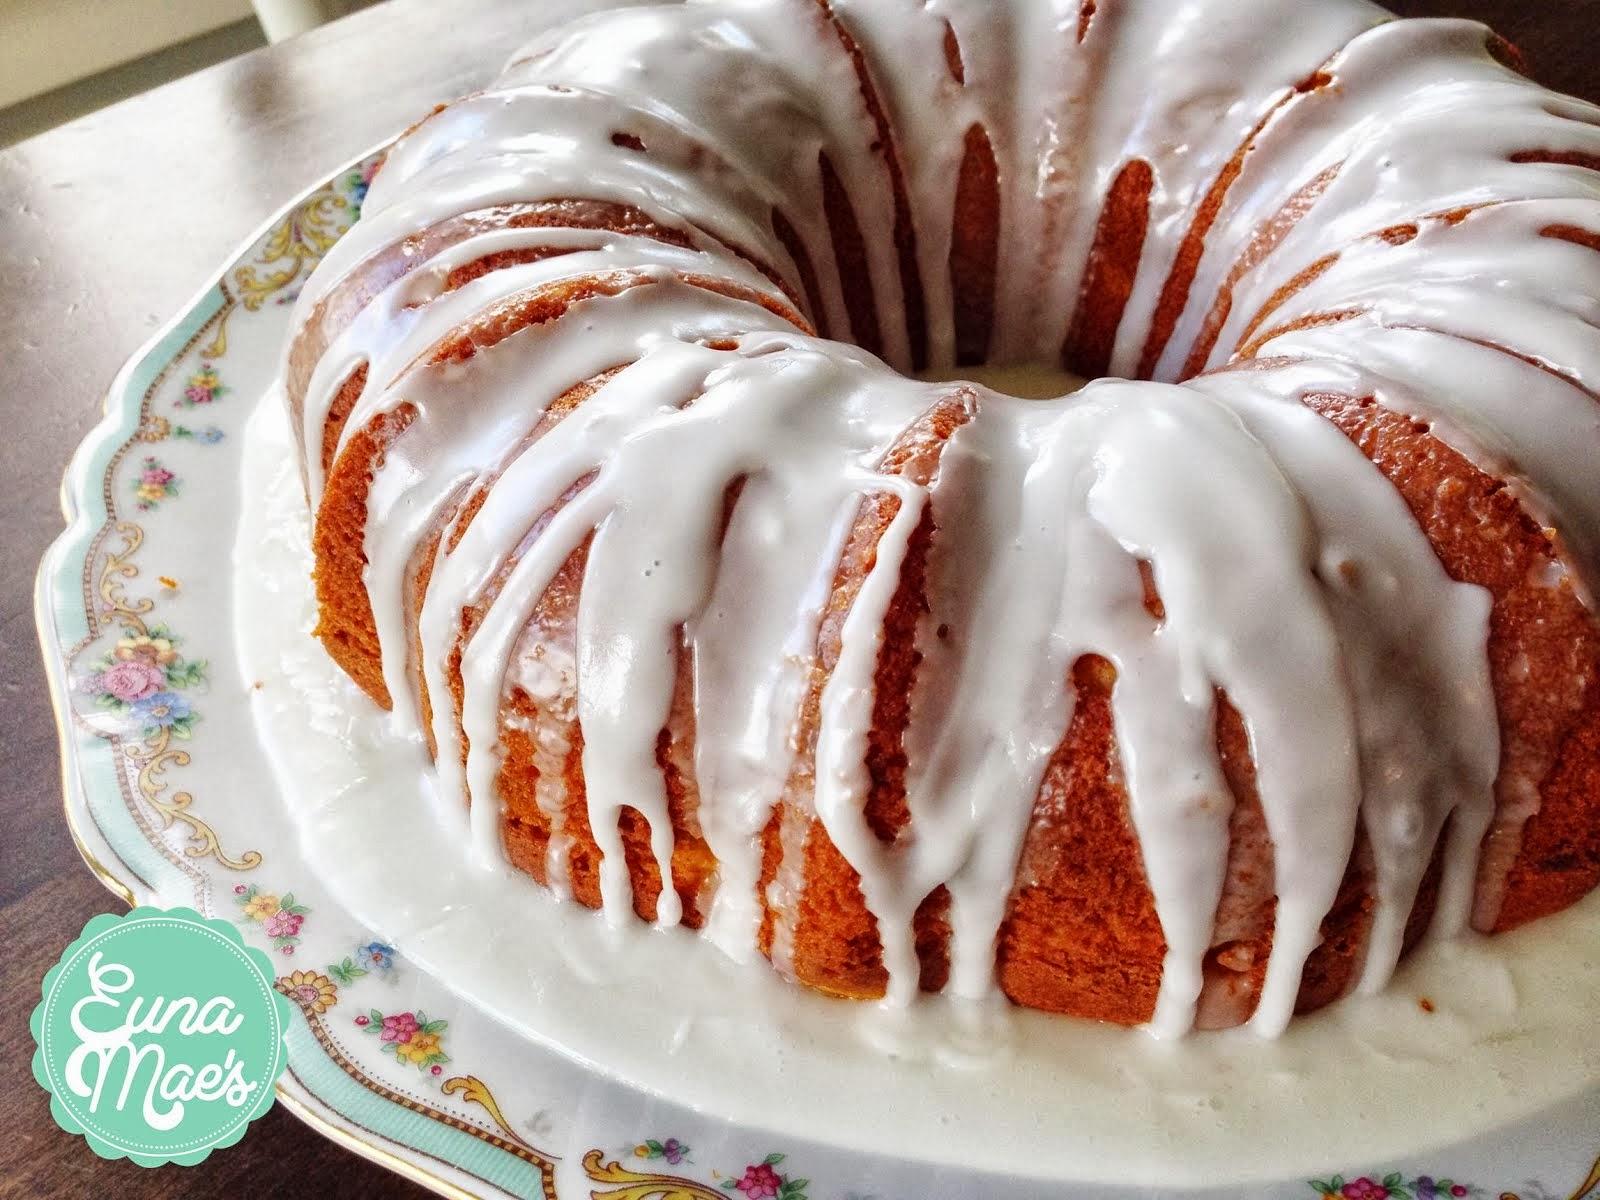 EM's Lemon Glazed Cake